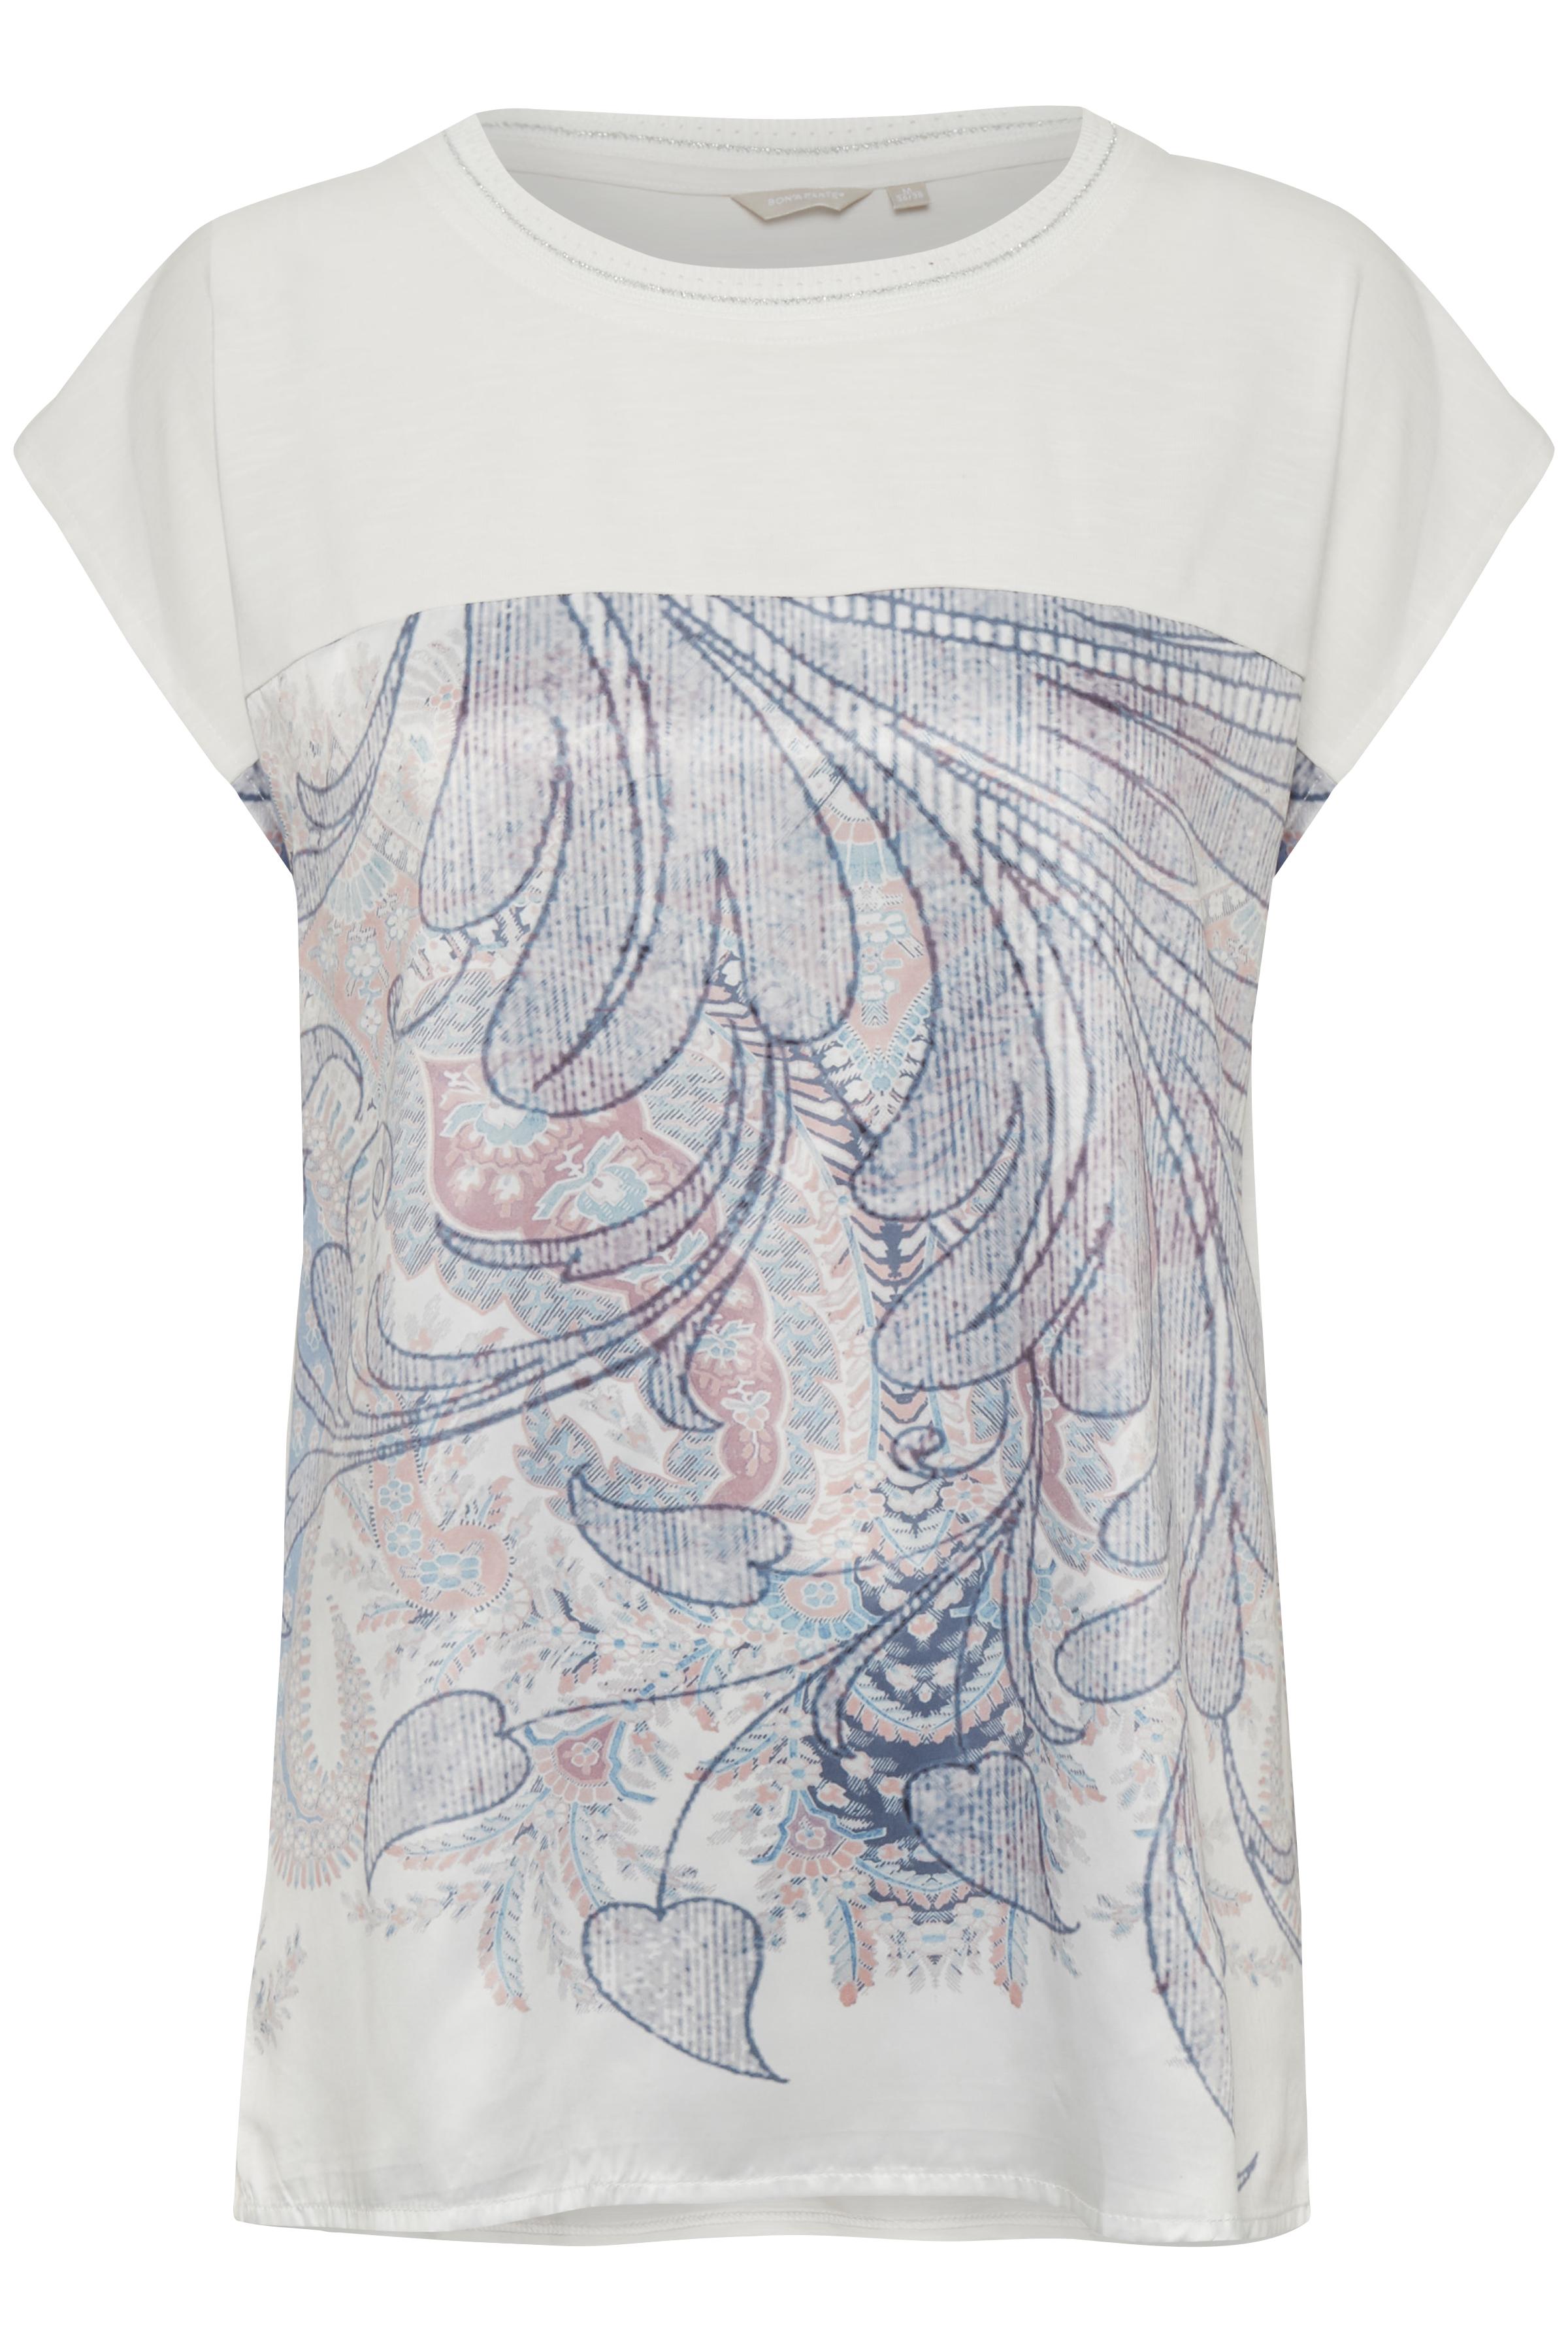 Image of BonA Parte Dame Bluse - Off-white/lyseblå